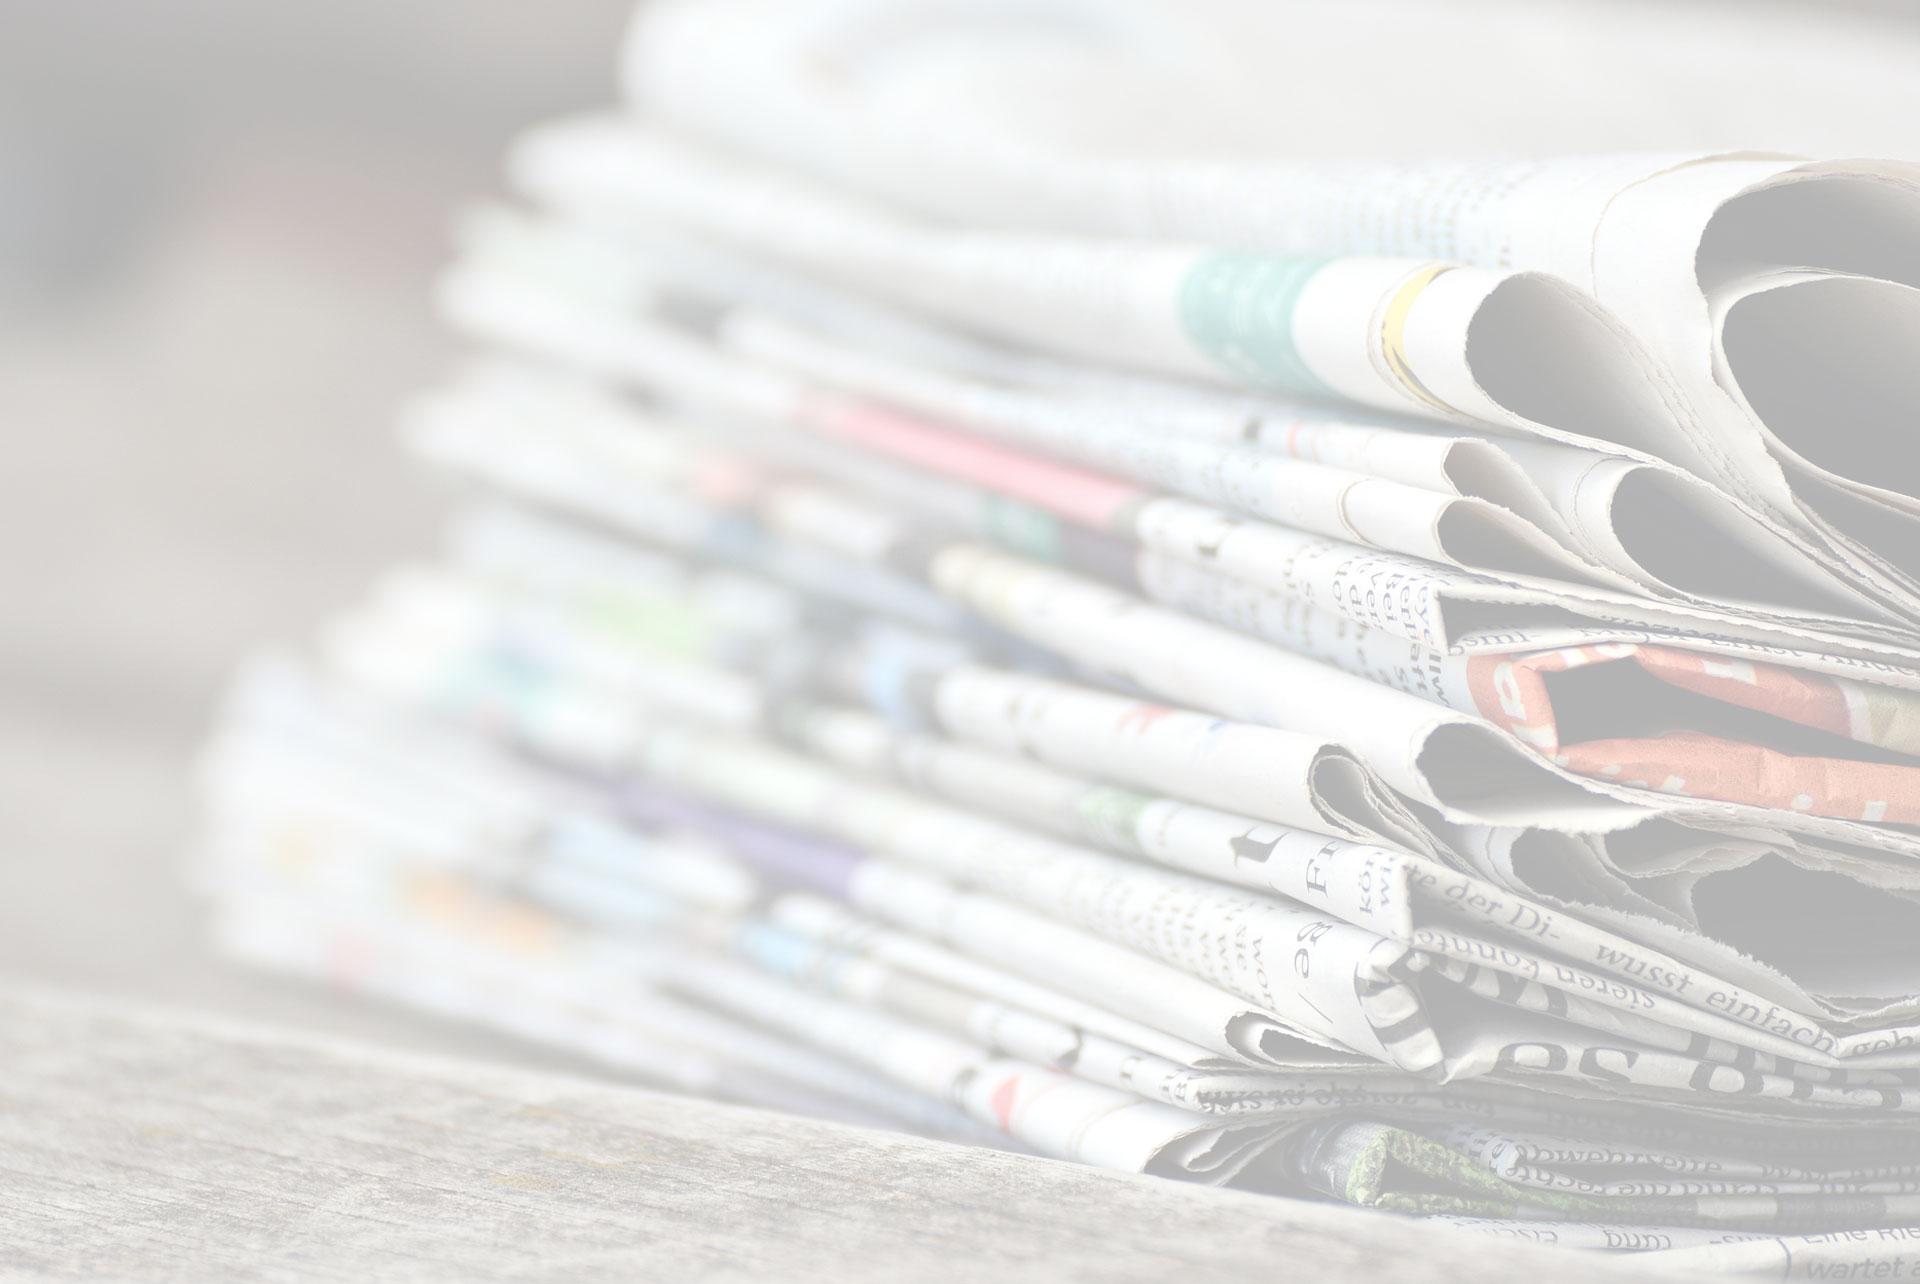 Bruno Vespa Porta a Porta